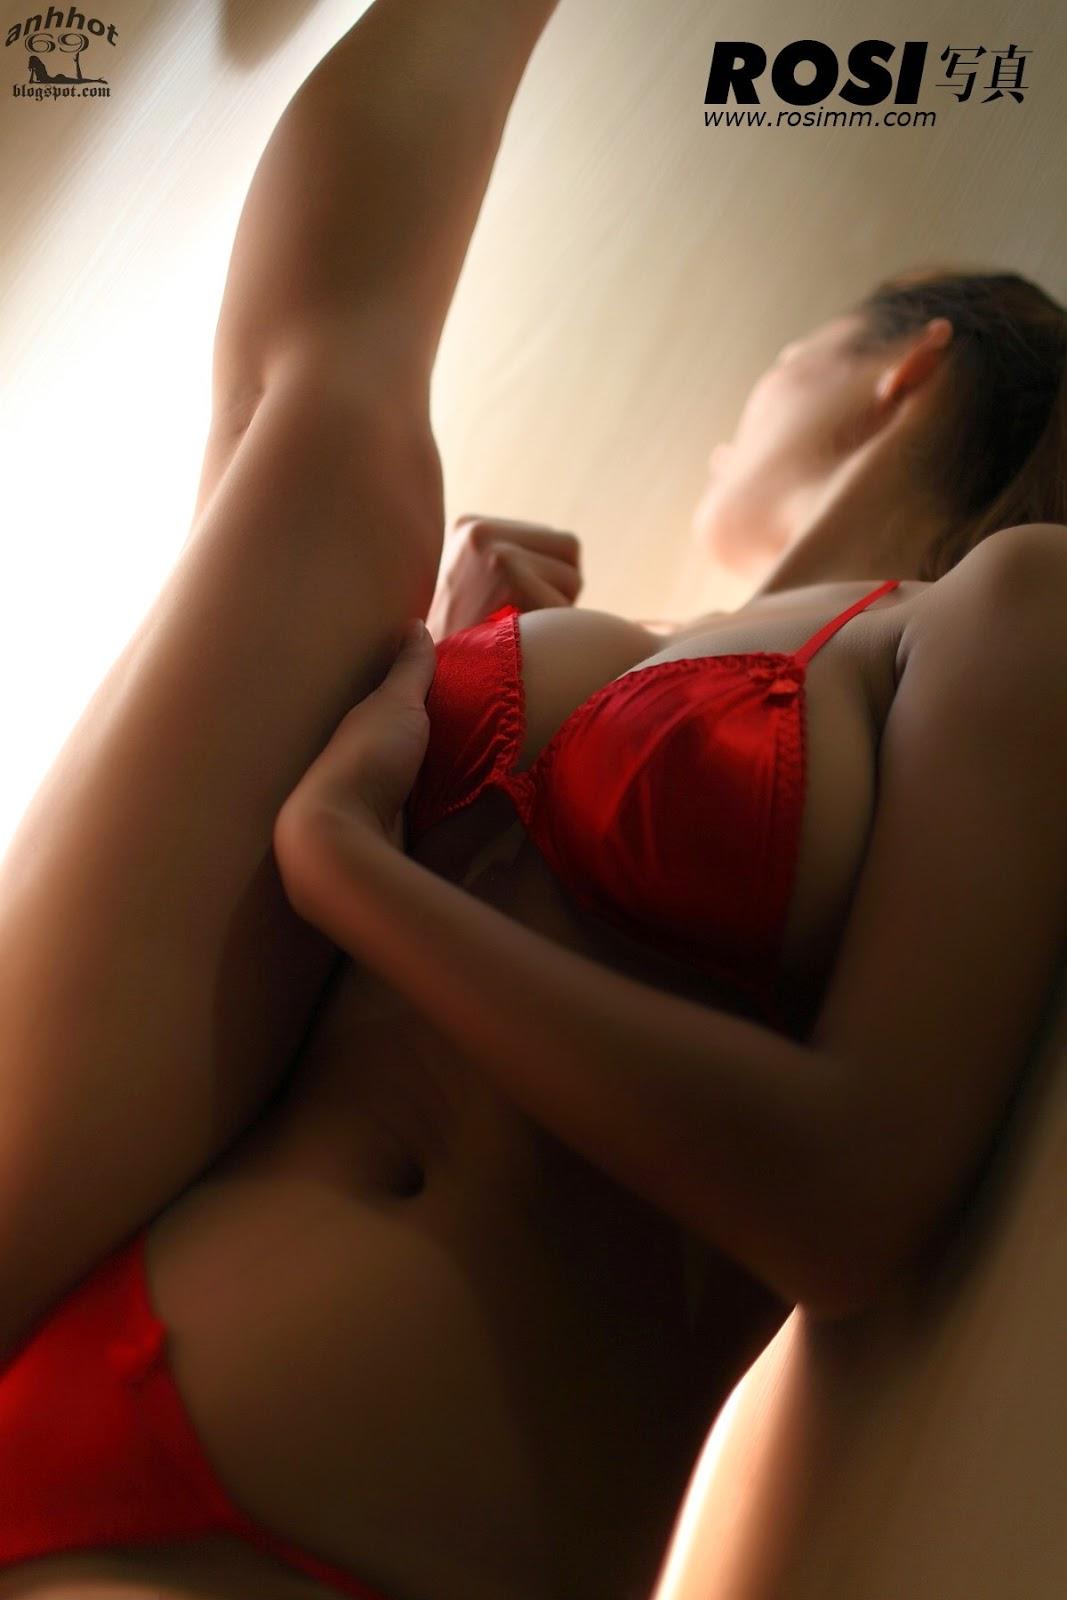 model_girl-rosi-02393573